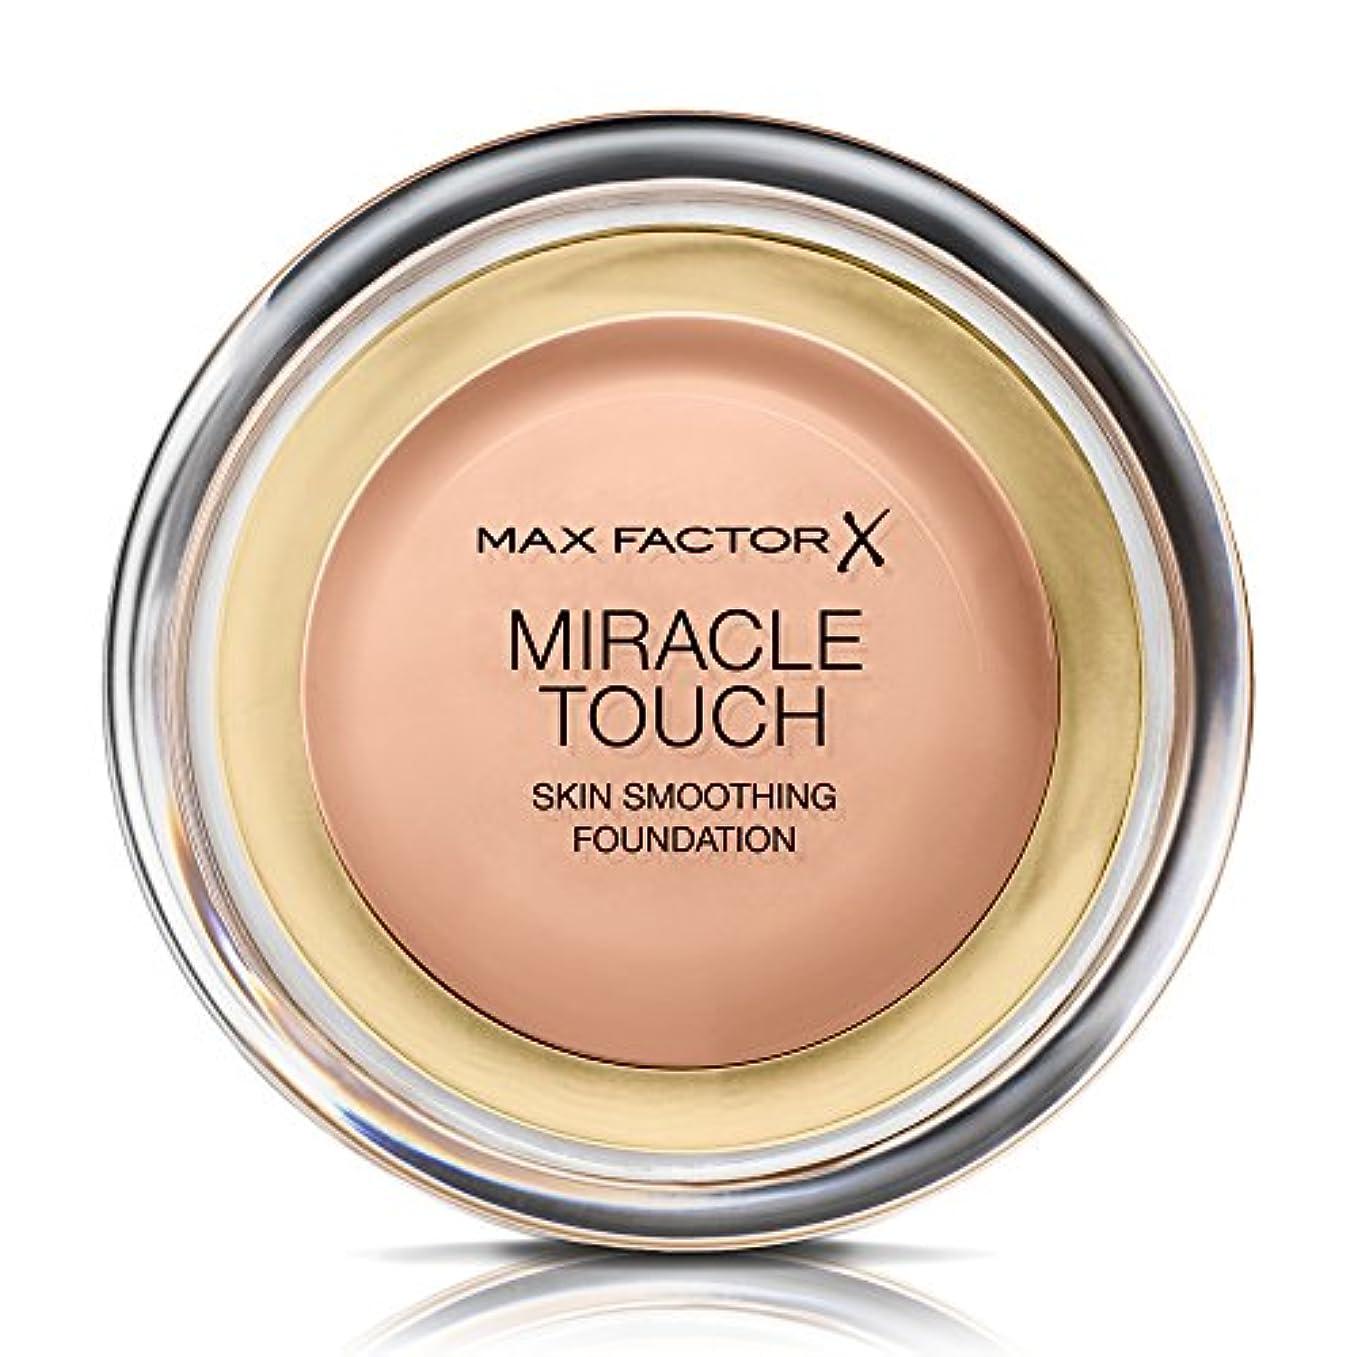 塗抹在庫海港マックス ファクター ミラクル タッチ スキン スムーズ ファウンデーション - ブラシング ベージュ Max Factor Miracle Touch Skin Smoothing Foundation - Blushing...